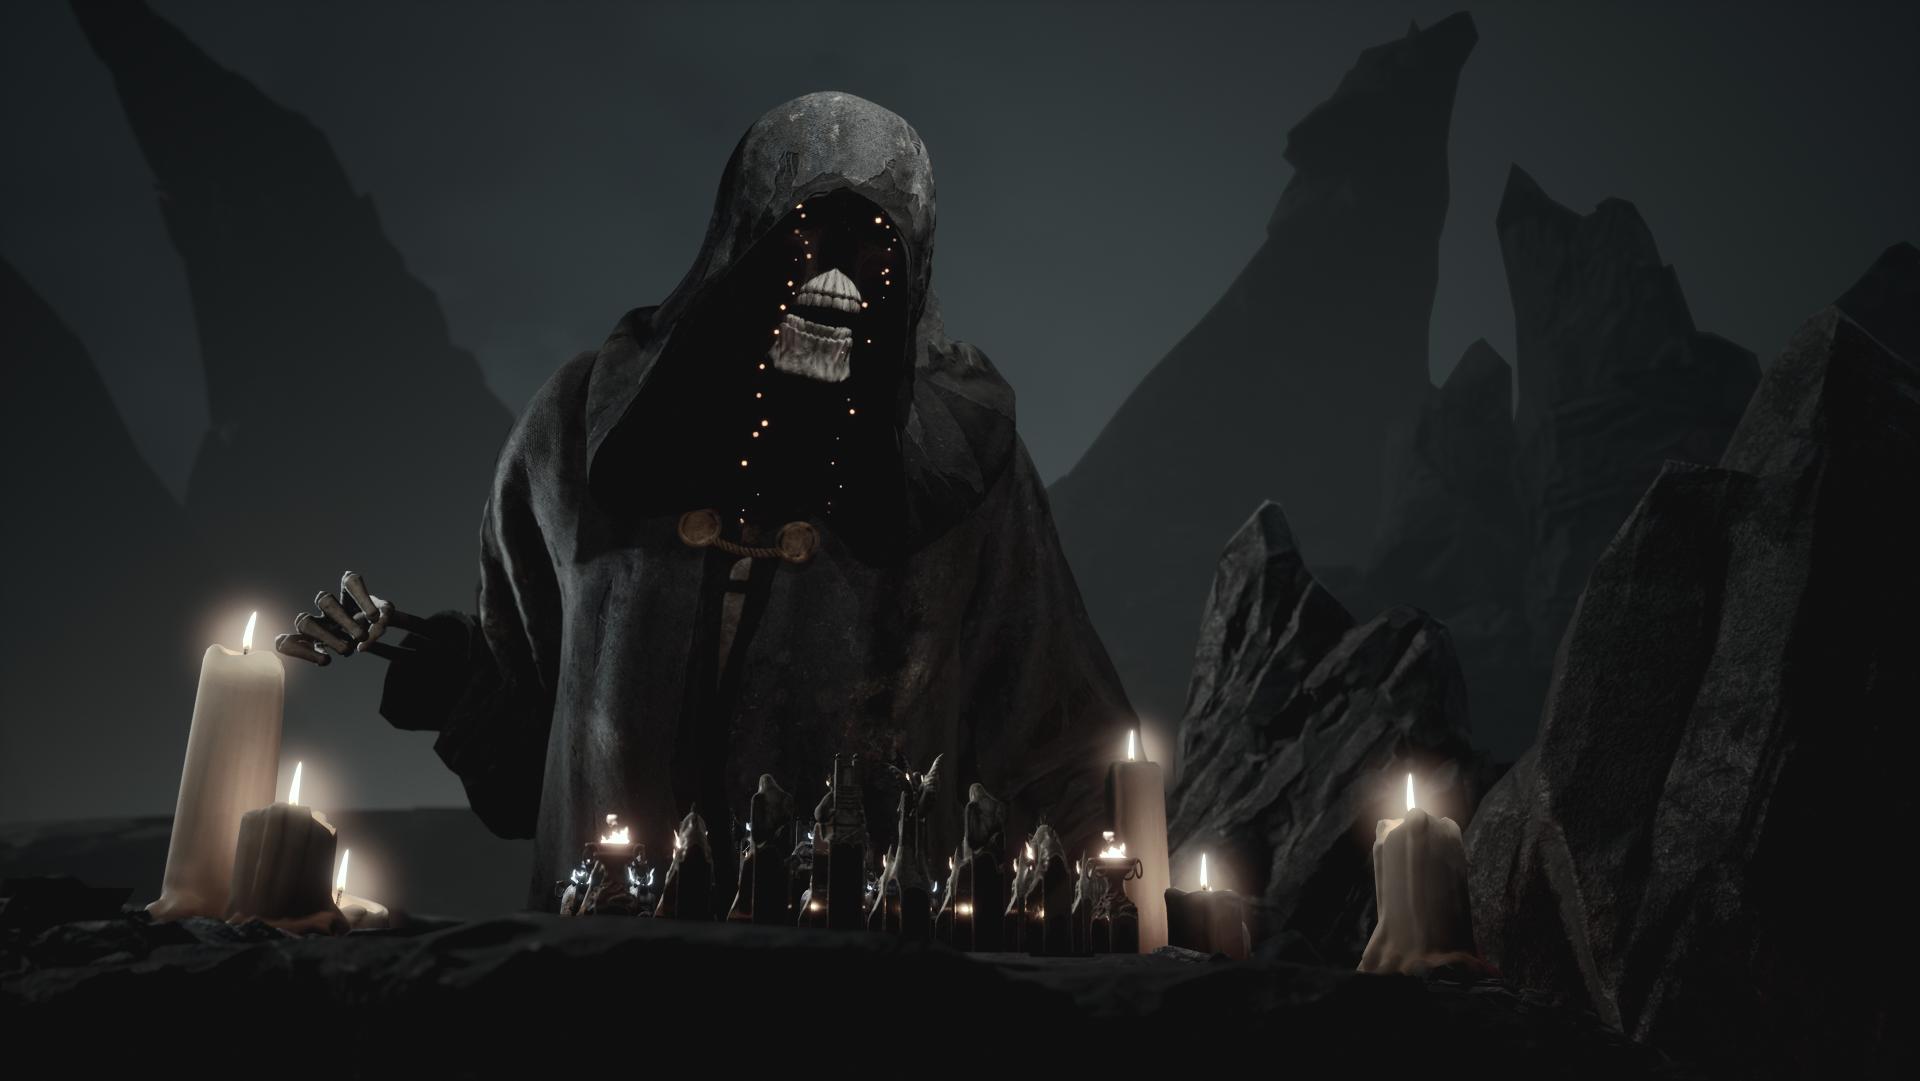 ChessUltra_VR_GrimReaper (3)